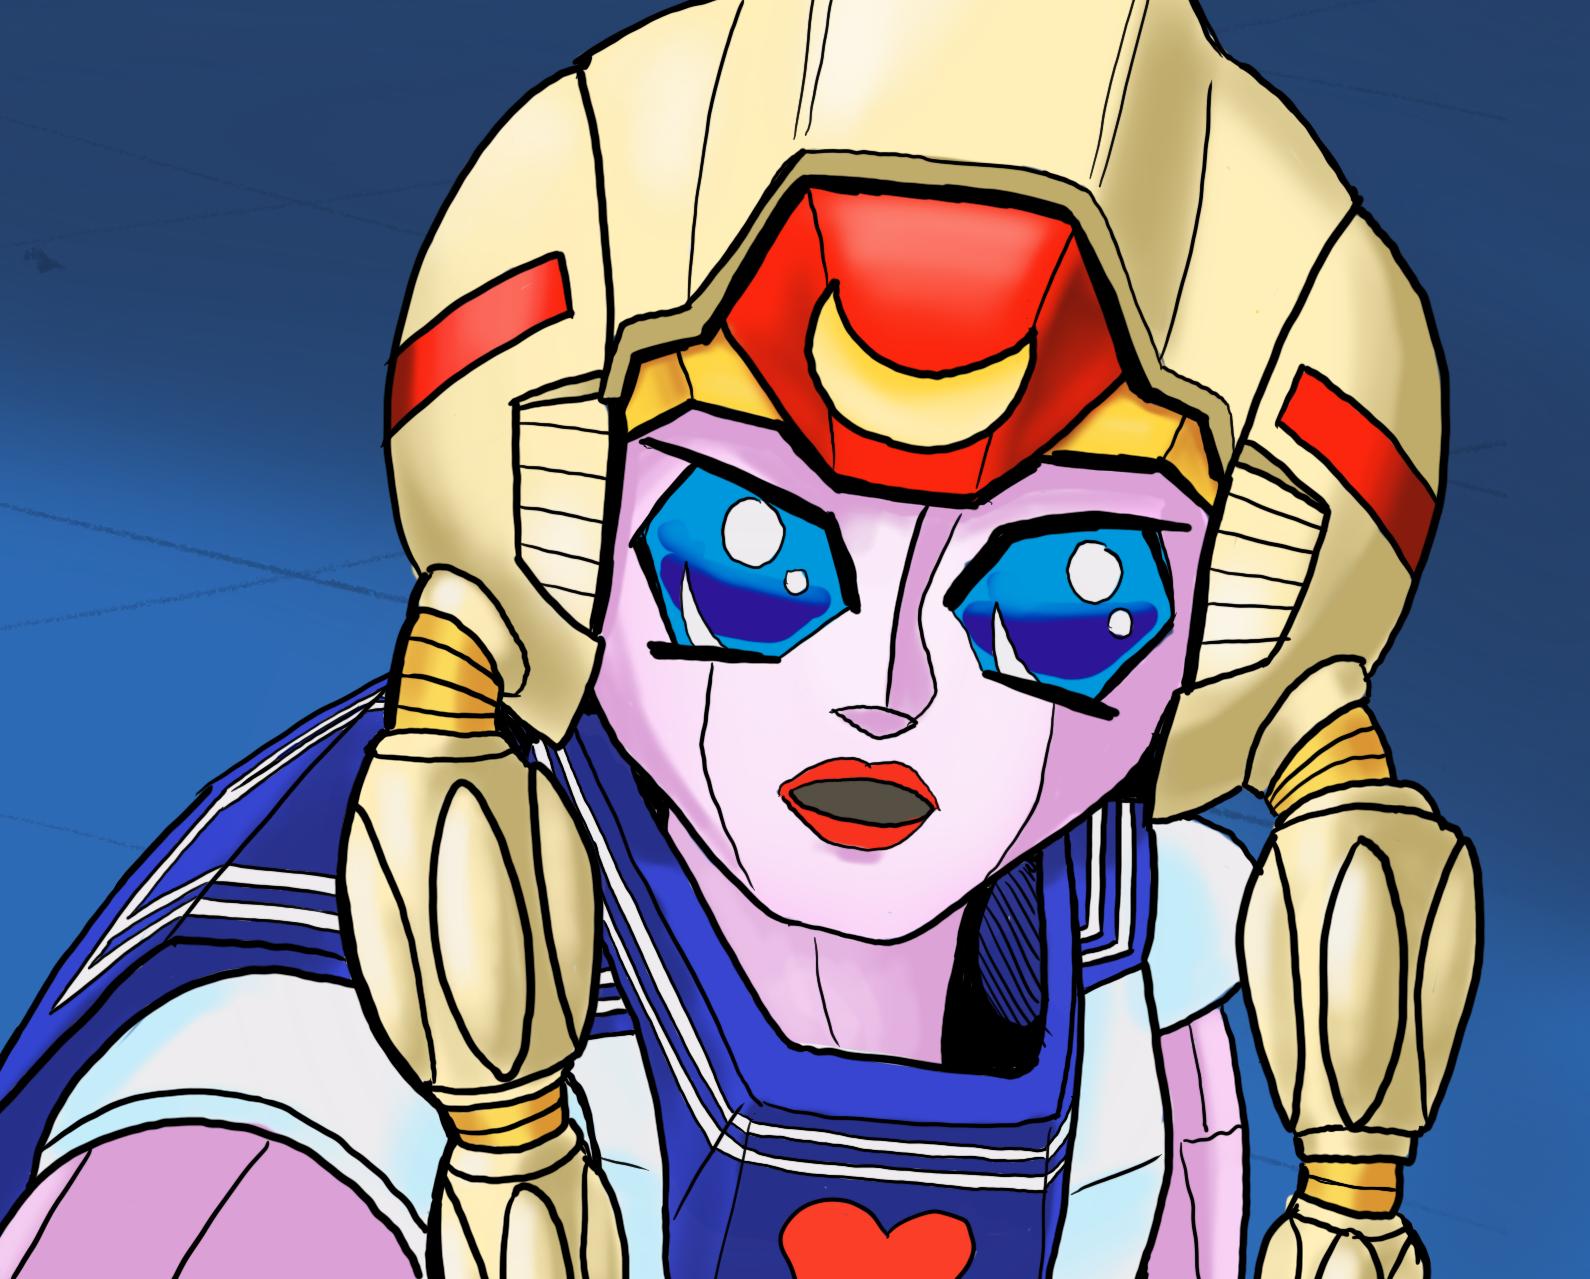 Sailor Cybertron